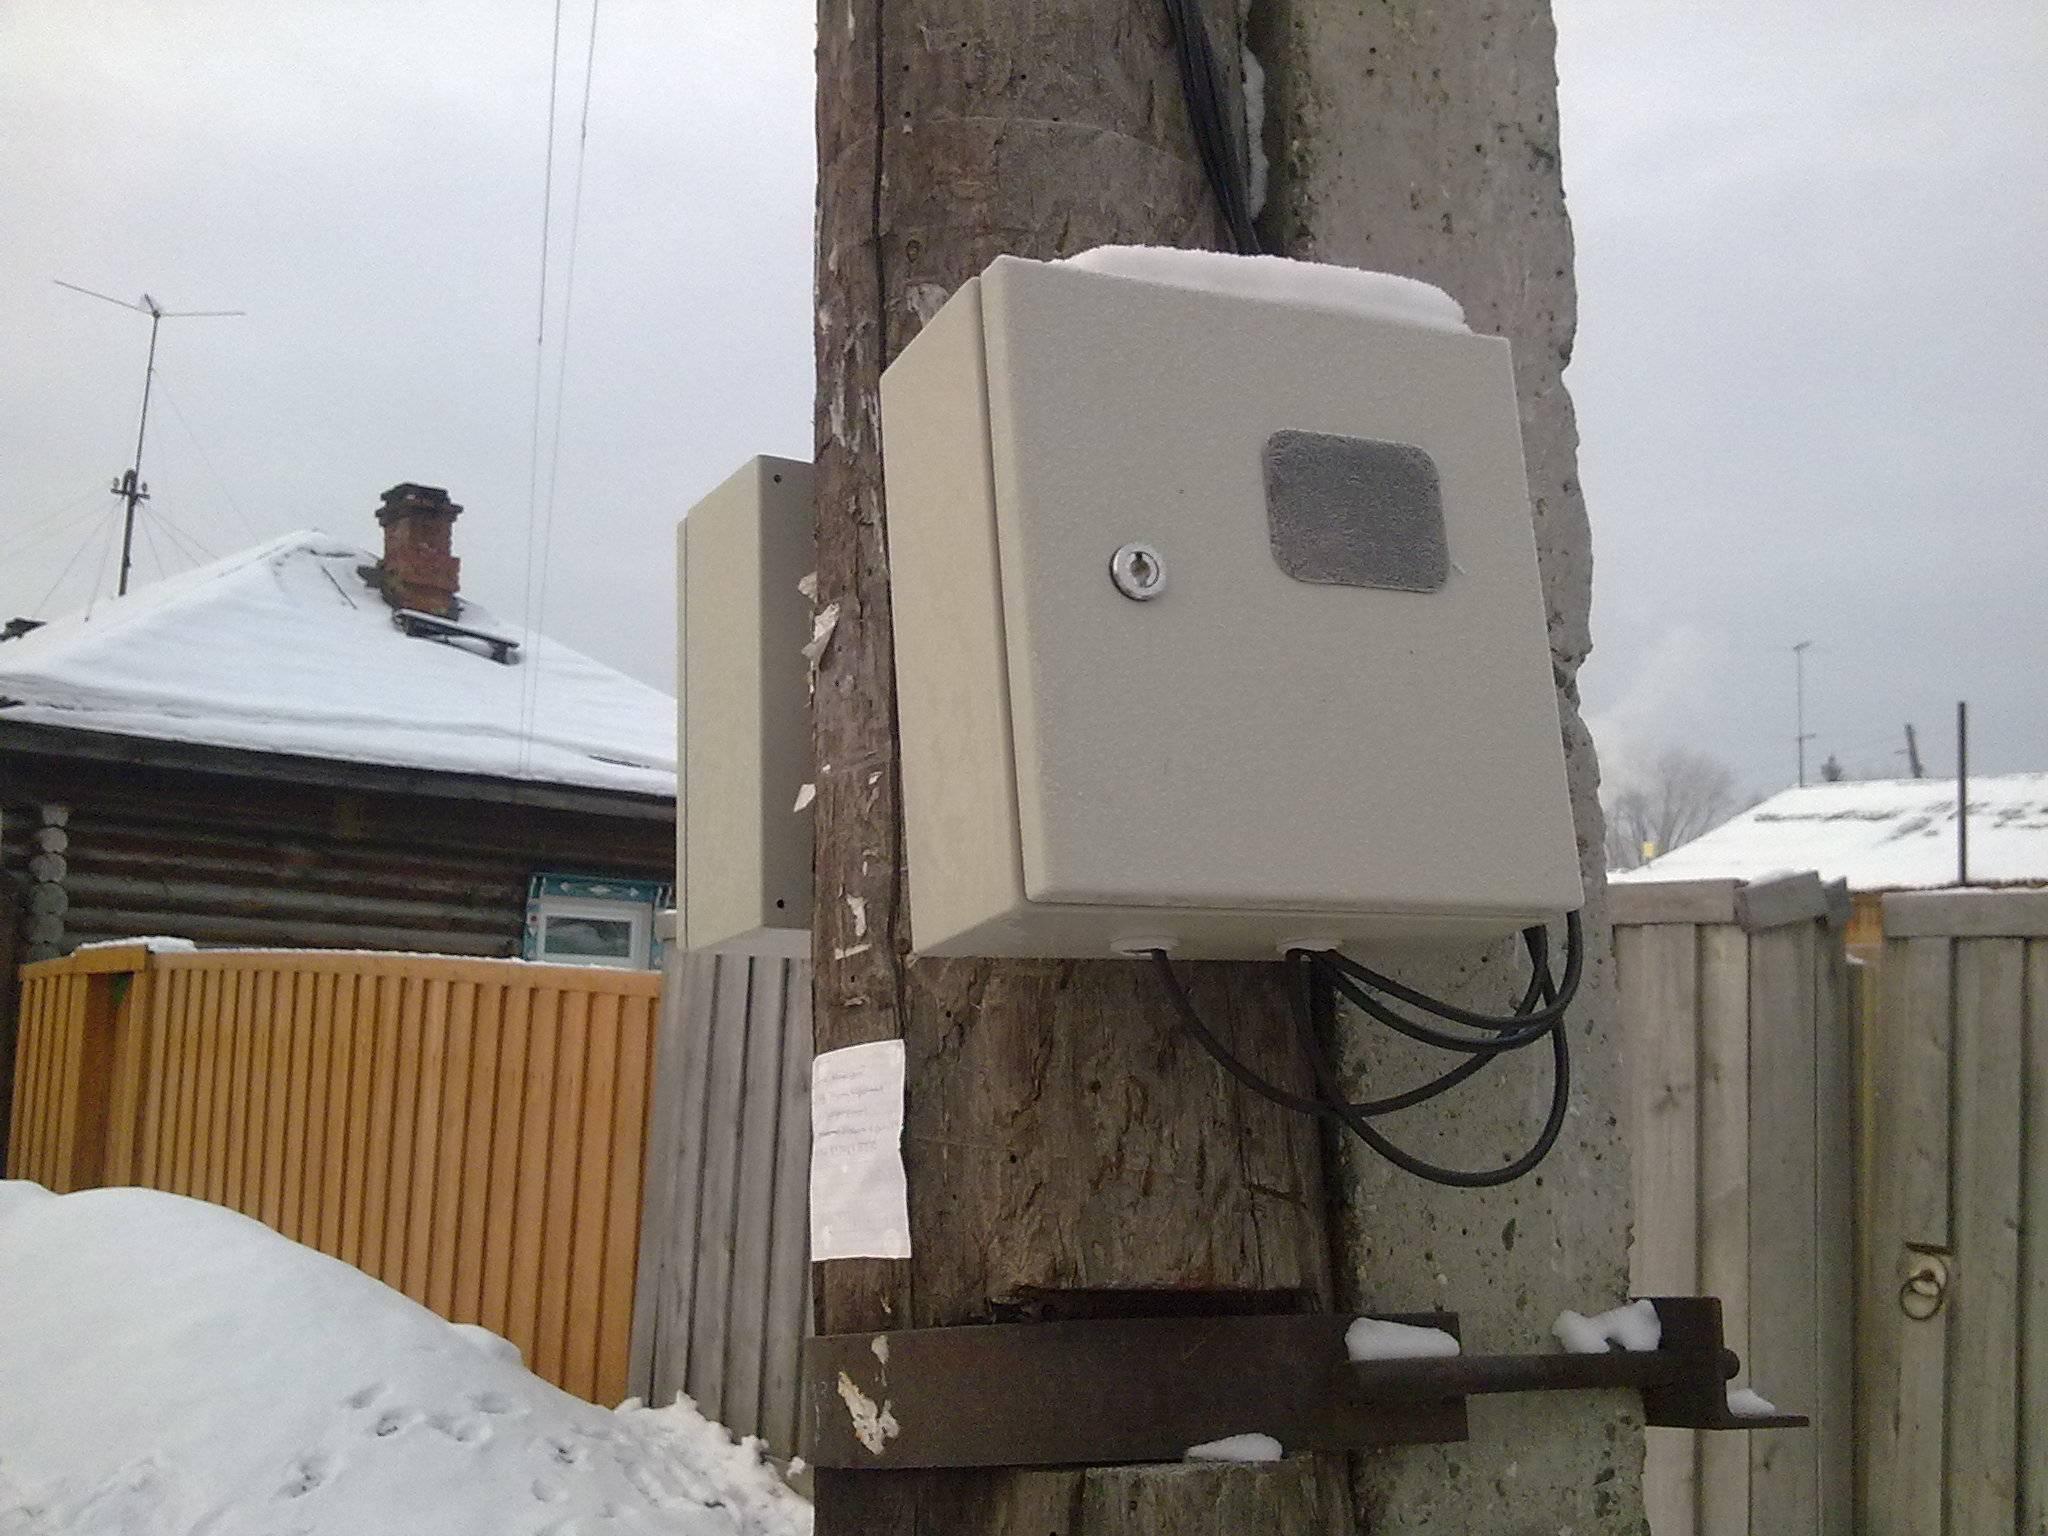 Cчетчик электроэнергии с дистанционным снятием показаний: зачем устанавливают на столбах